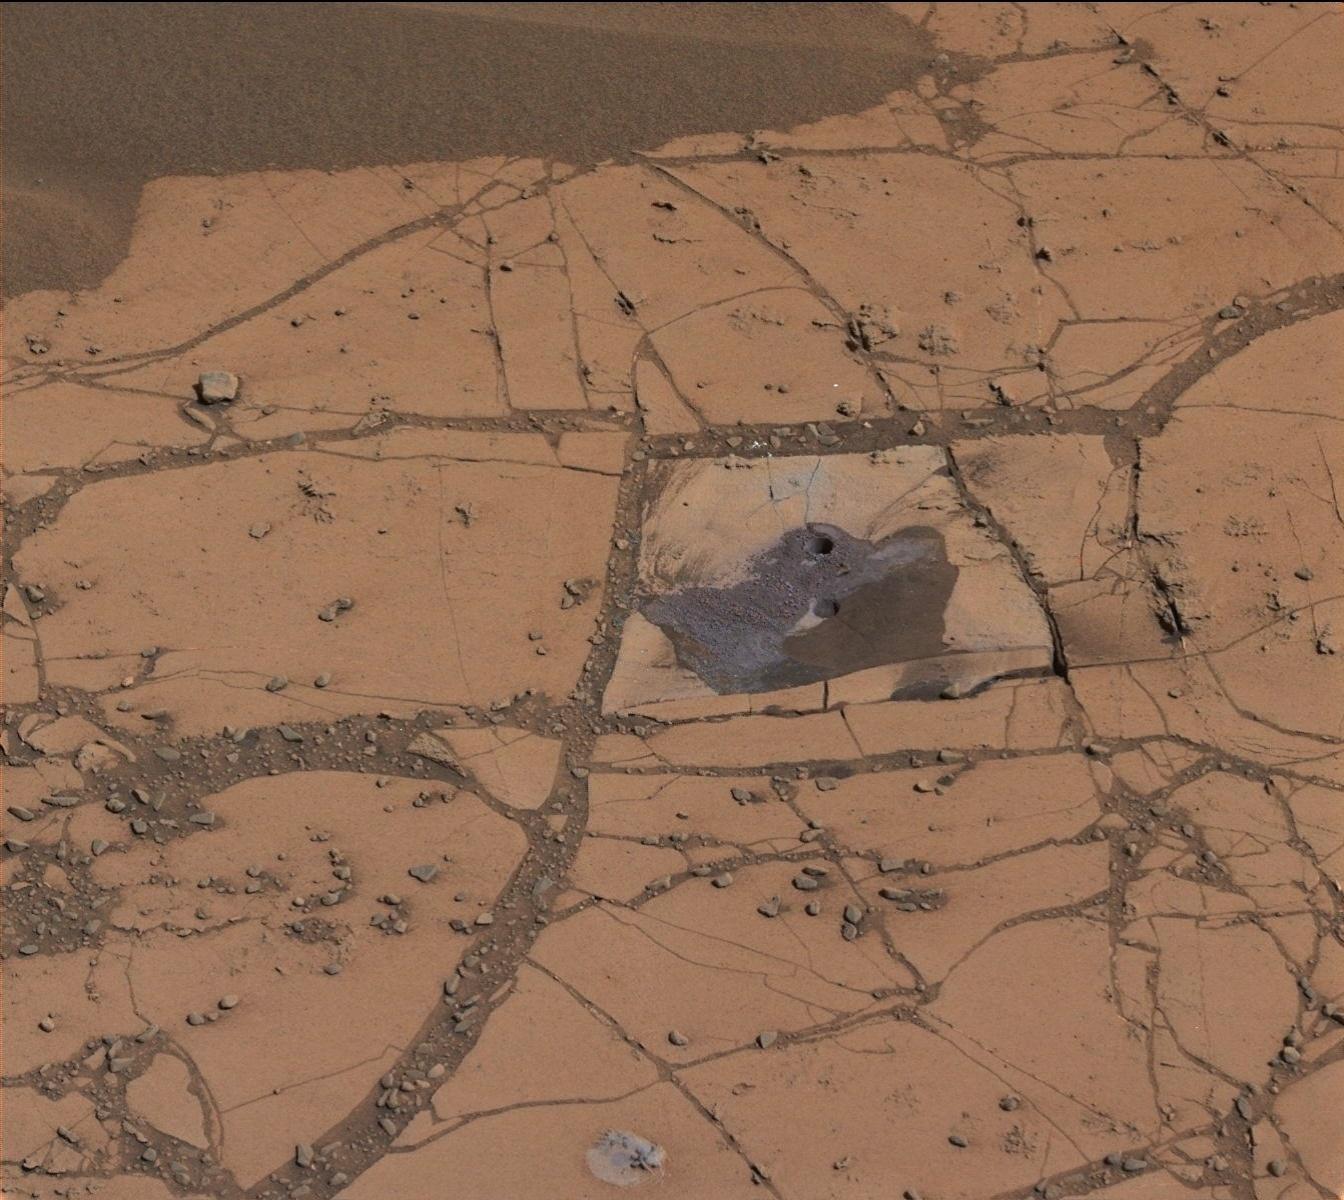 5.nov.2014 - PERFURAÇÃO EM MARTE - Imagem mostra primeira perfuração do robô Curiosity, da Nasa (agência espacial americana), no monte Sharp, em Marte. Na ocasião, o robô encontrou um pó de rocha avermelhado com mais hematita do qualquer outra amostra obtida por ele ao longo da missão, que já completa dois anos.A hematita, um mineral de óxido de ferro, dá pistas sobre as condições ambientais do planeta durante sua formação e já havia sido mapeada antes mesmo do robô pousar no planeta vermelho